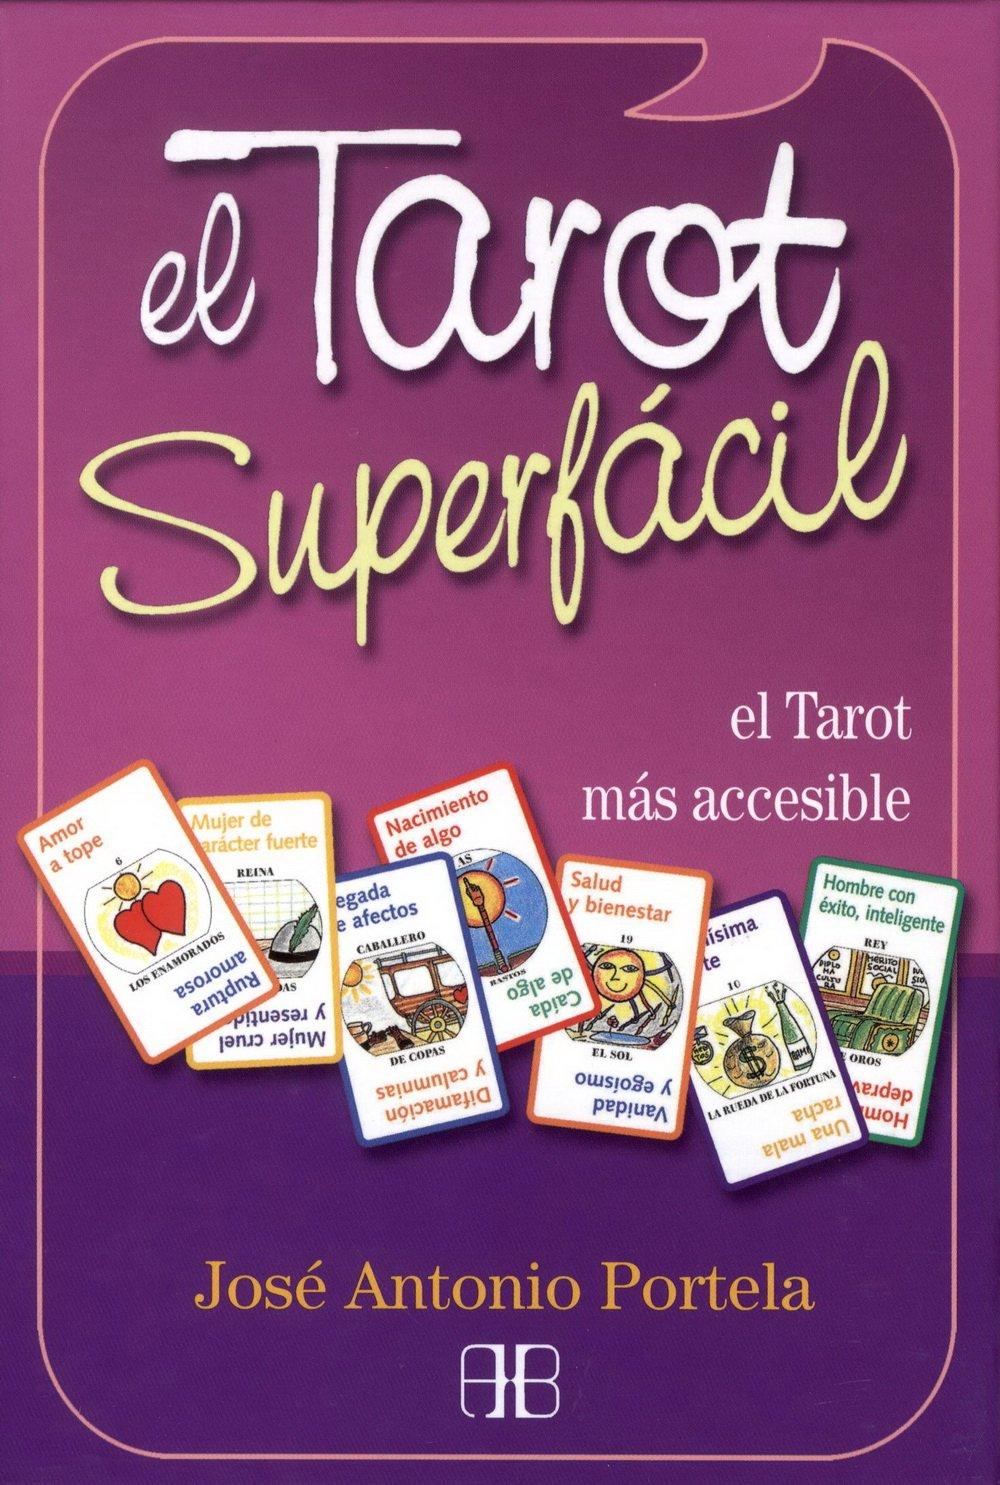 El tarot superfácil : el tarot más accesible: José Antonio ...